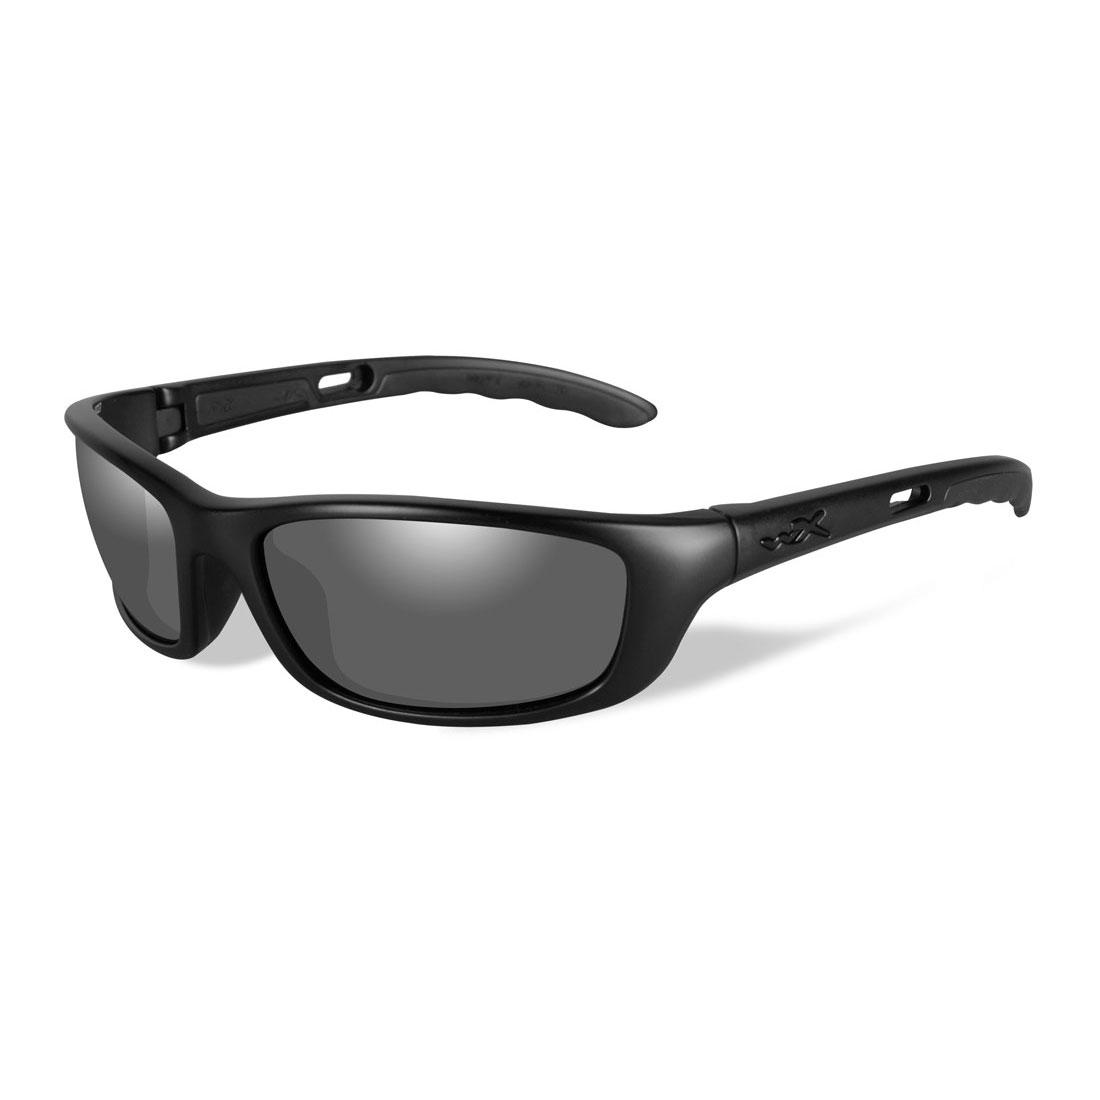 ba6ac2fcbfac Wiley X P-17 Rx Prescription Sunglasses